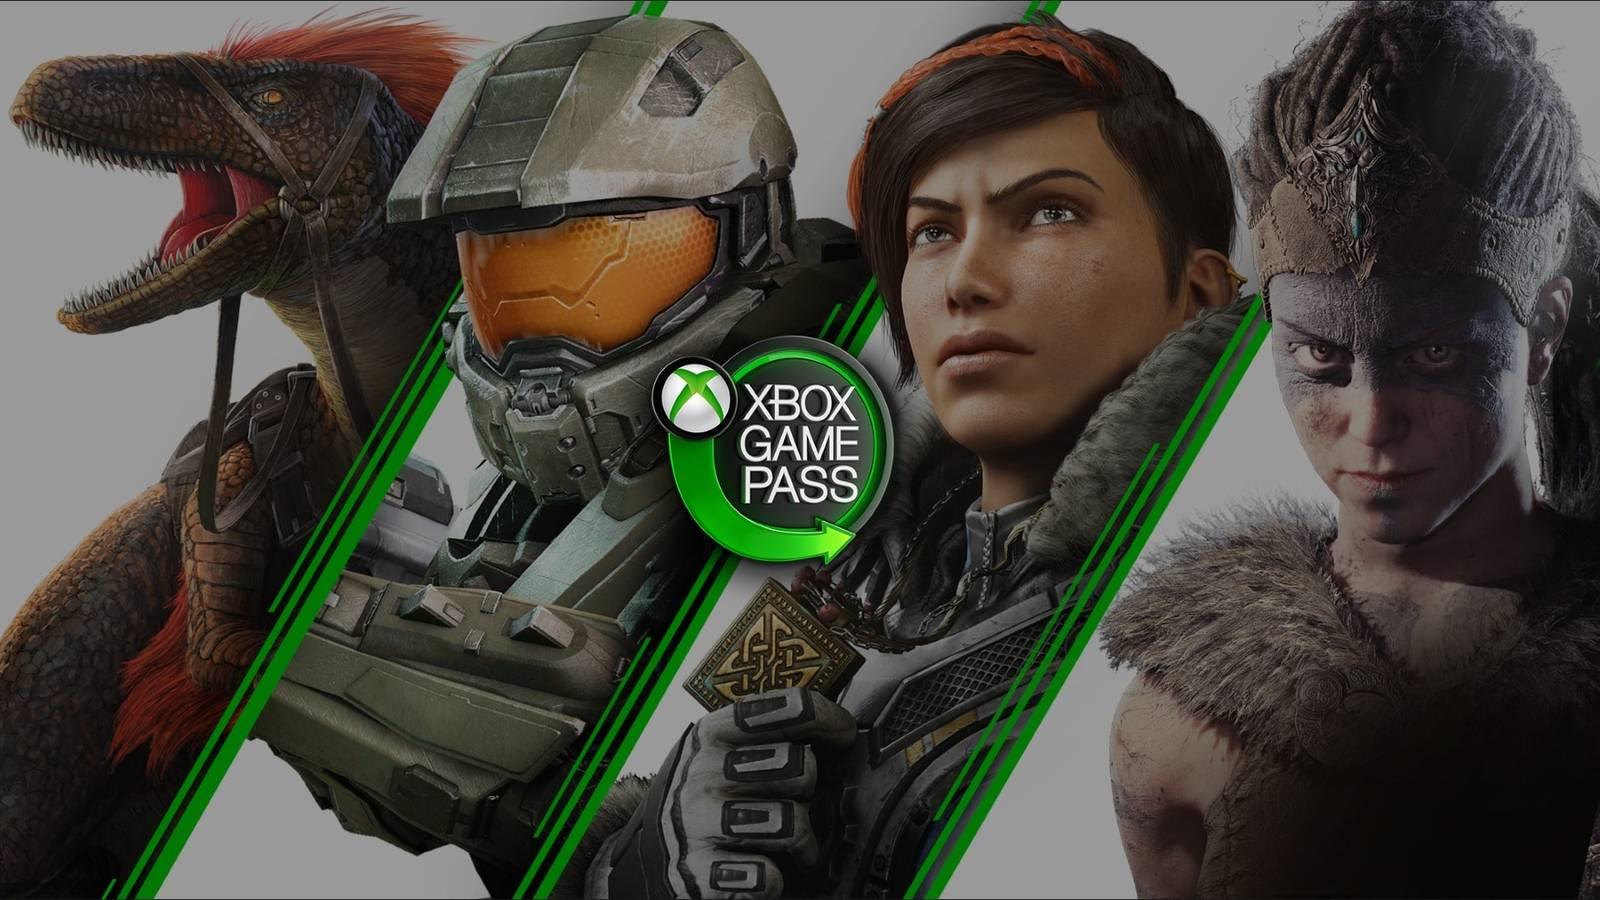 Картинки по запросу xbox game pass